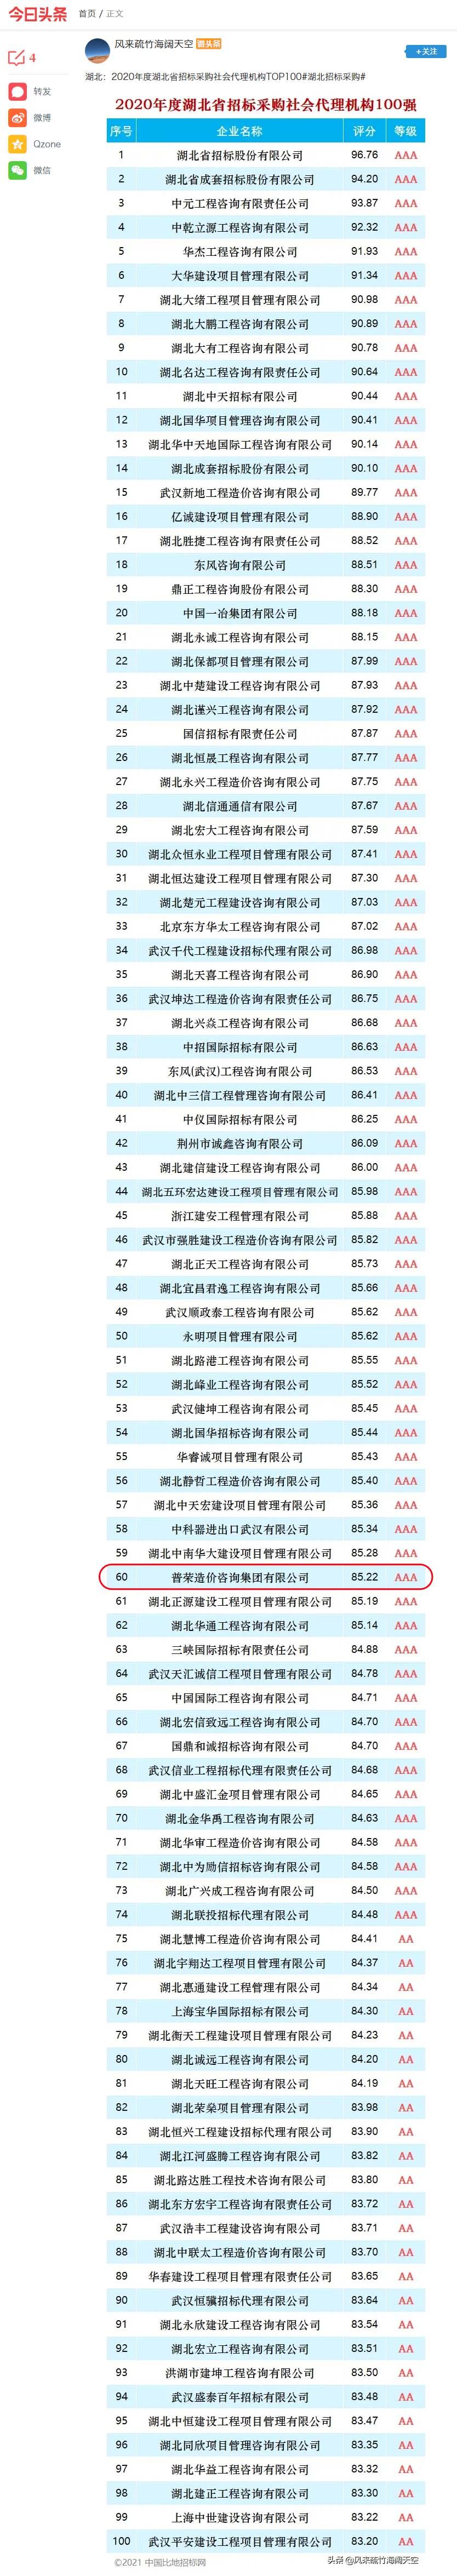 湖北:2020年度湖北省招標采購社會代理機構TOP100